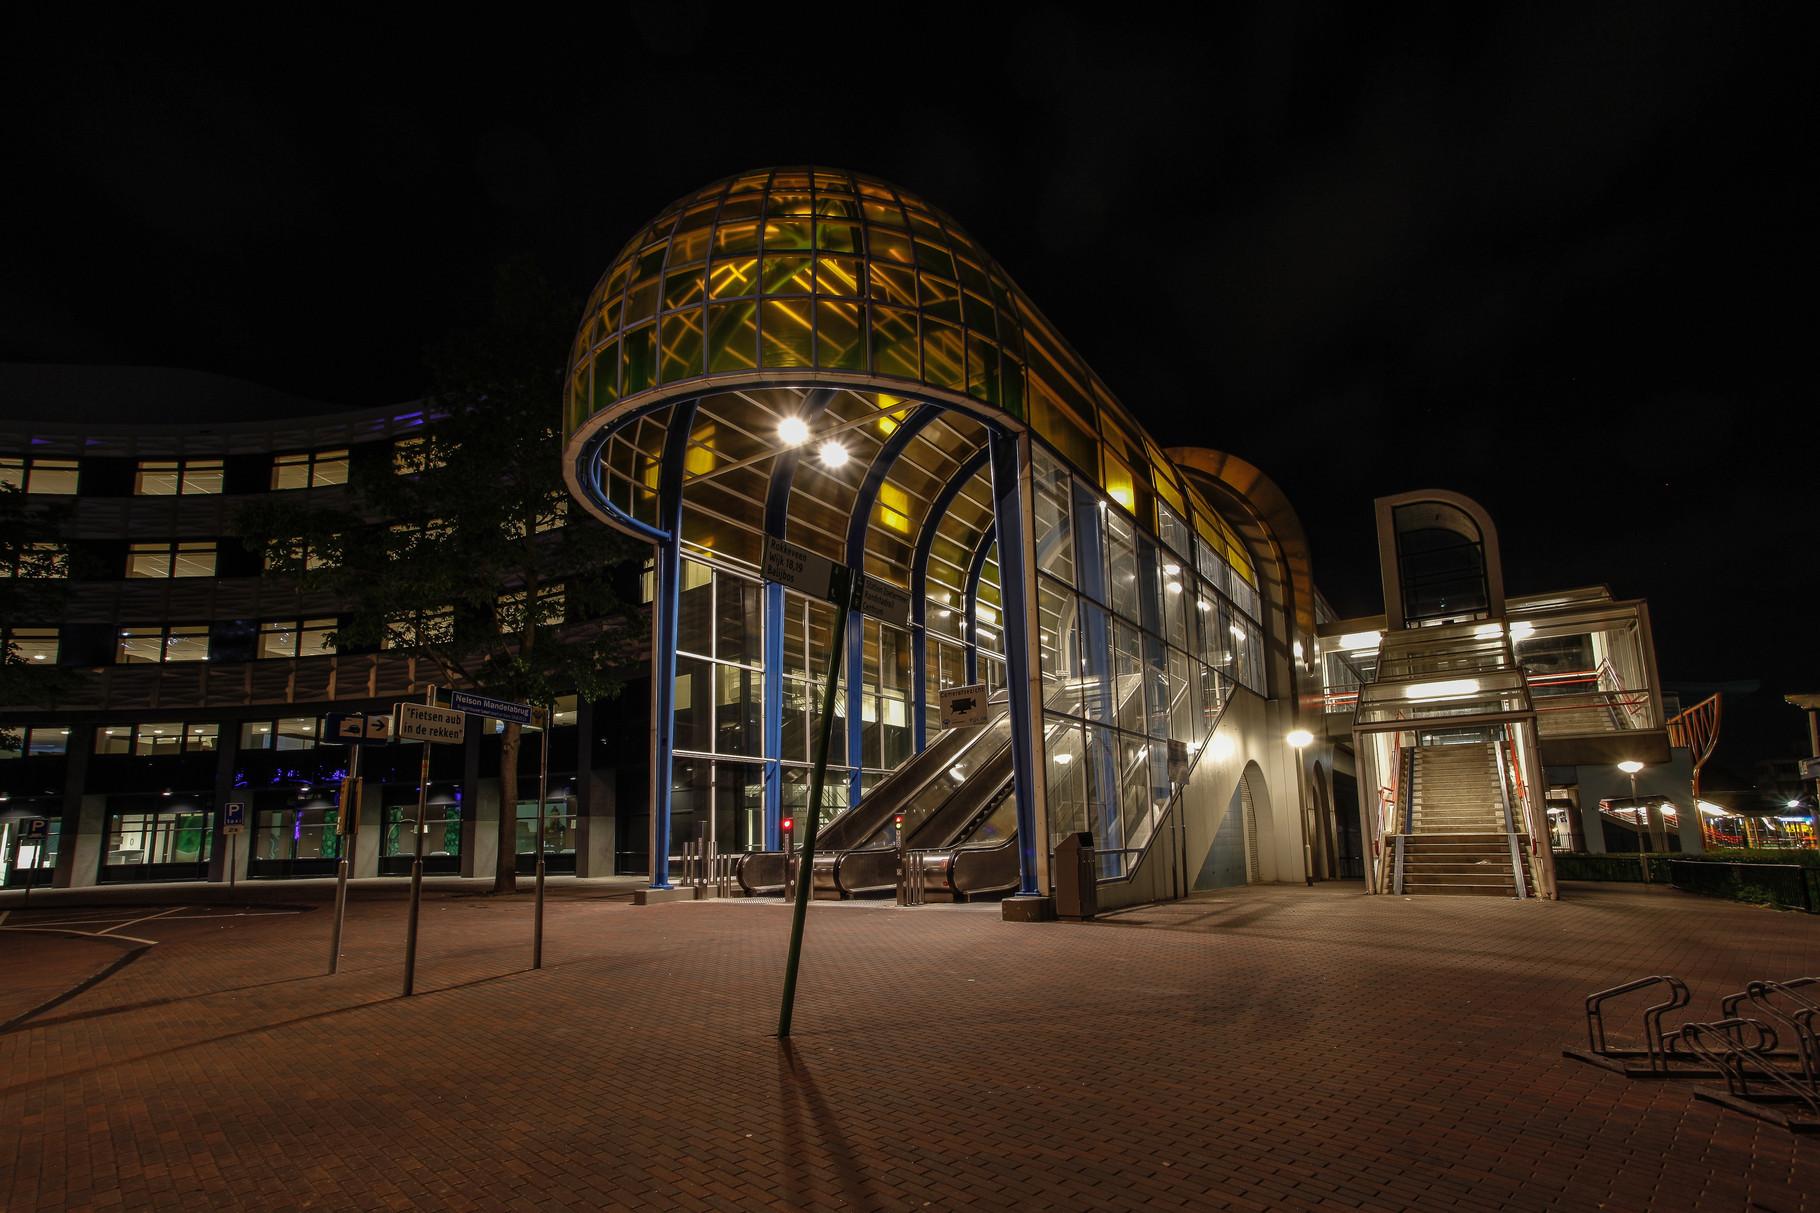 Nachtfoto Mandelabrug kant Rokkeveen - DOKOE Fotografie